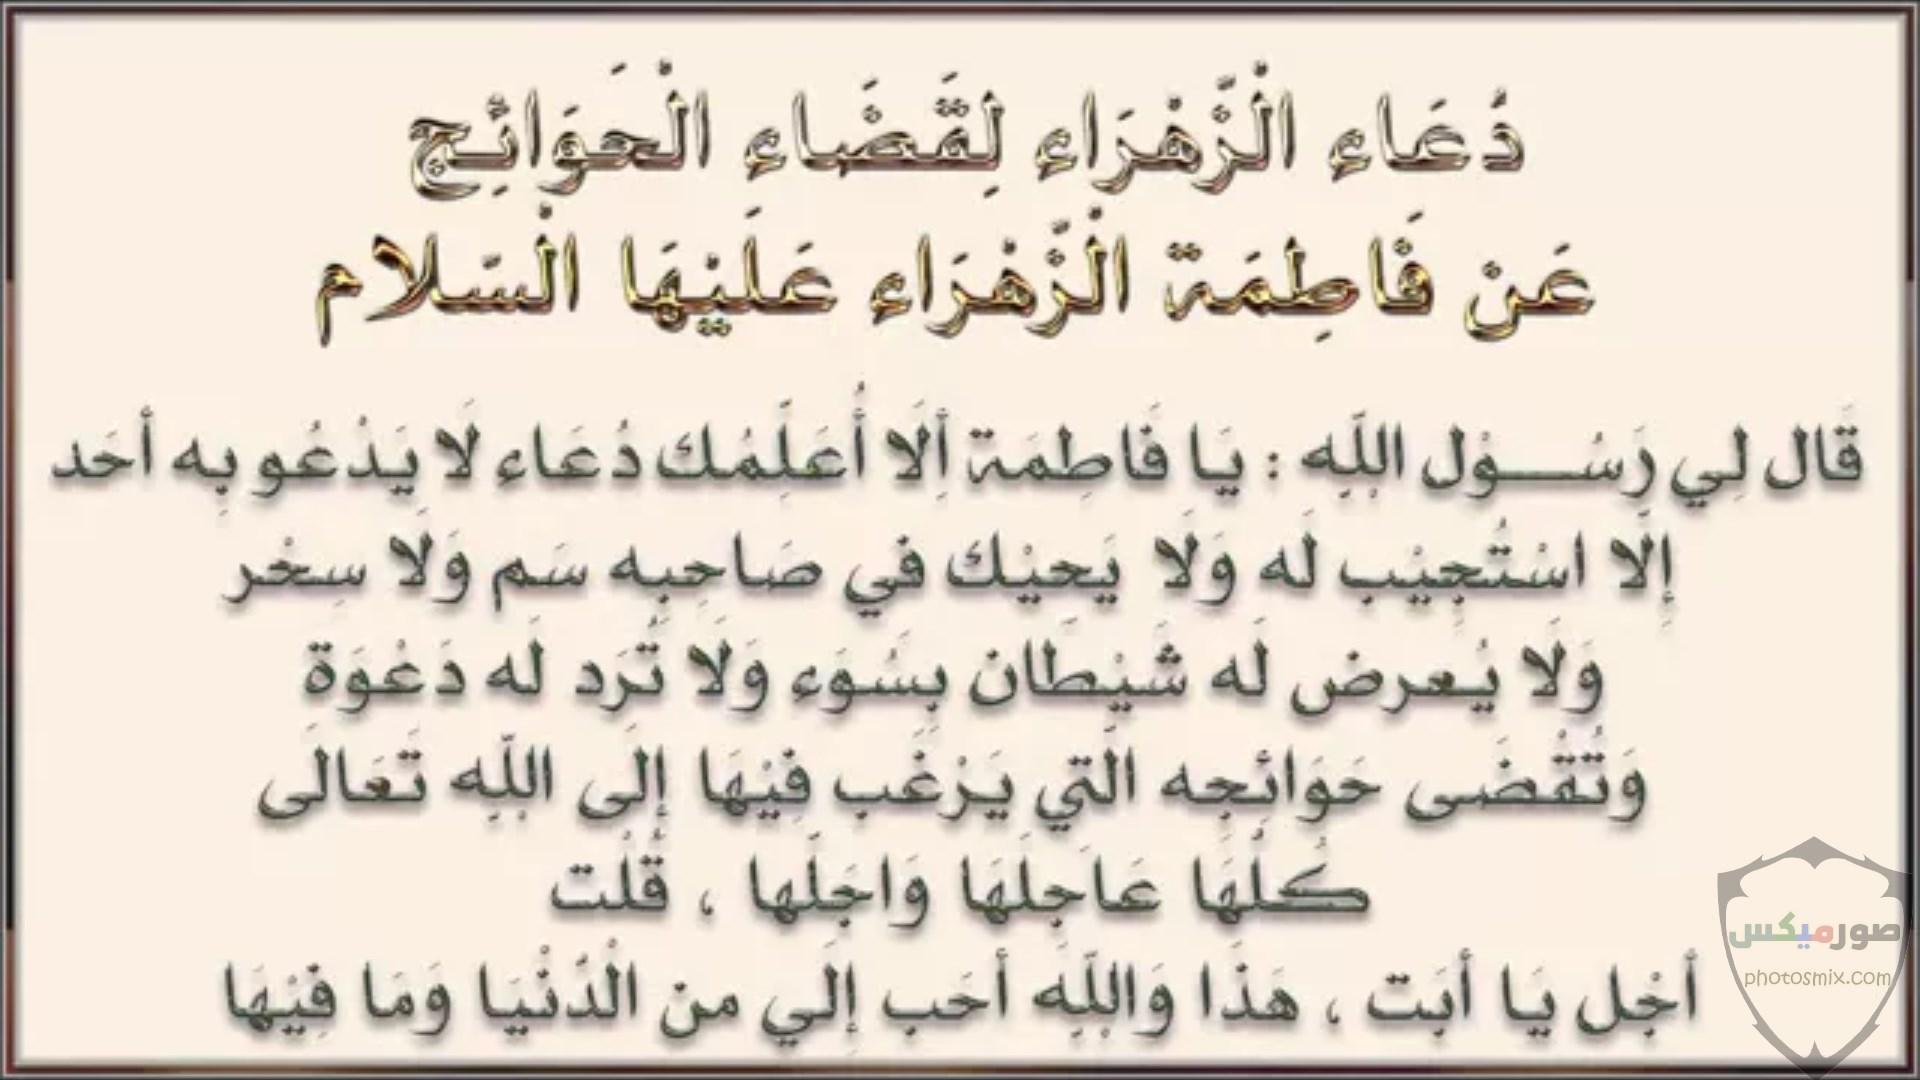 دعاء للمتوفي في شهر رمضان الكريم 5